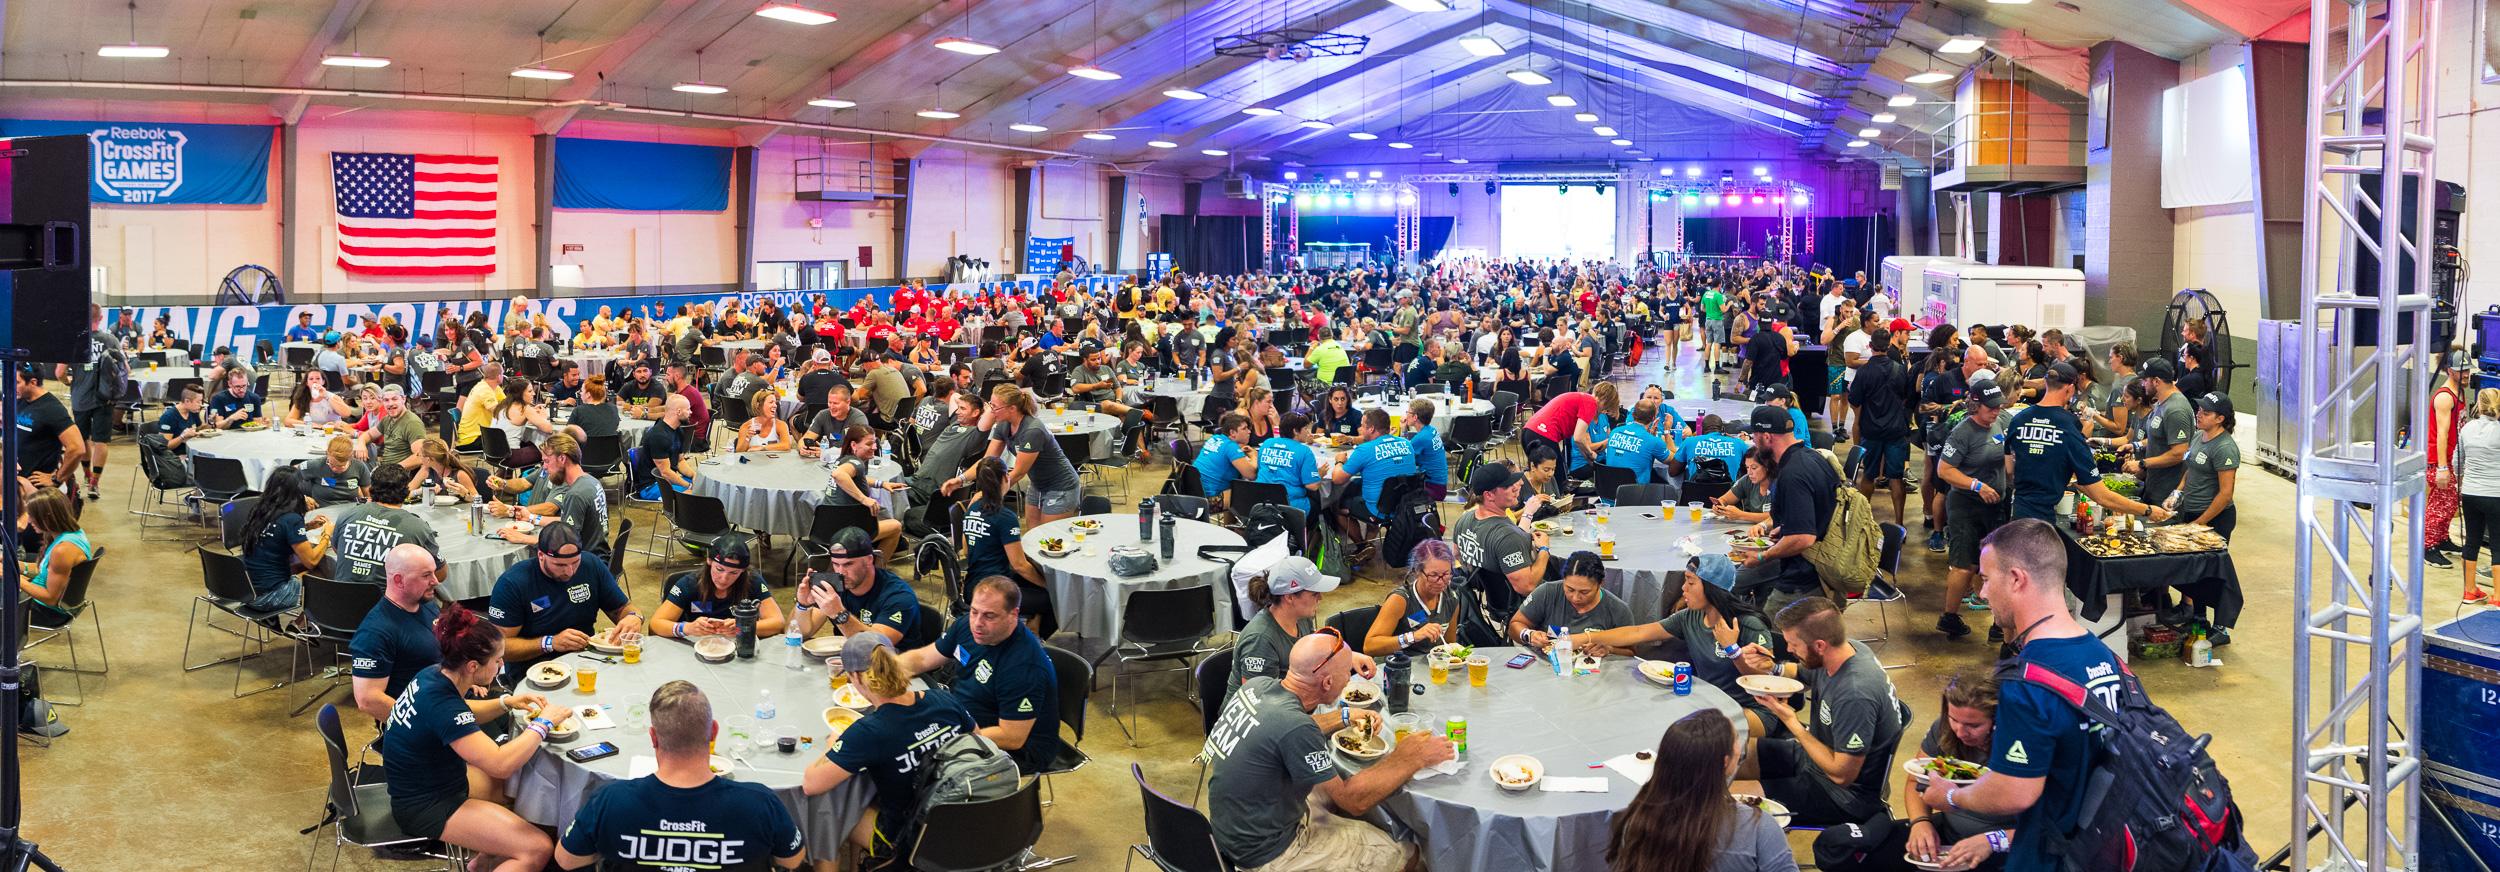 Volunteer At The 2018 Reebok Crossfit Games